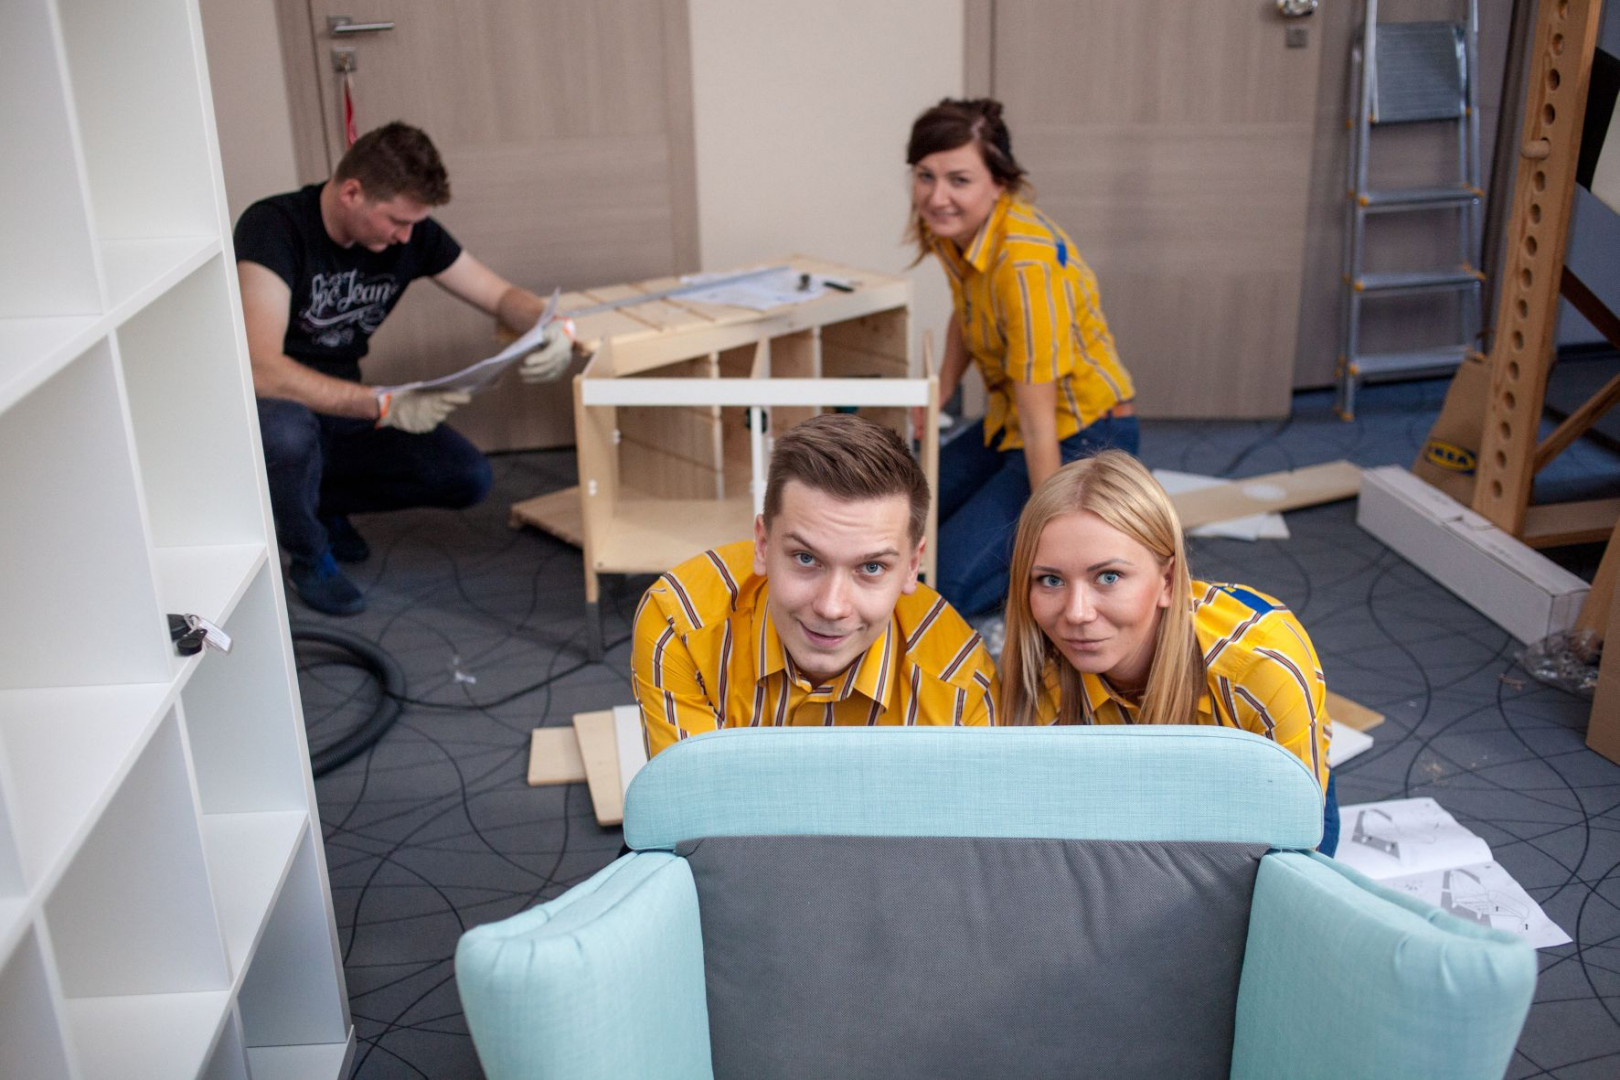 Pracownicy IKEA Kraków wyposażyli kąciki dla dzieci. Fot. IKEA